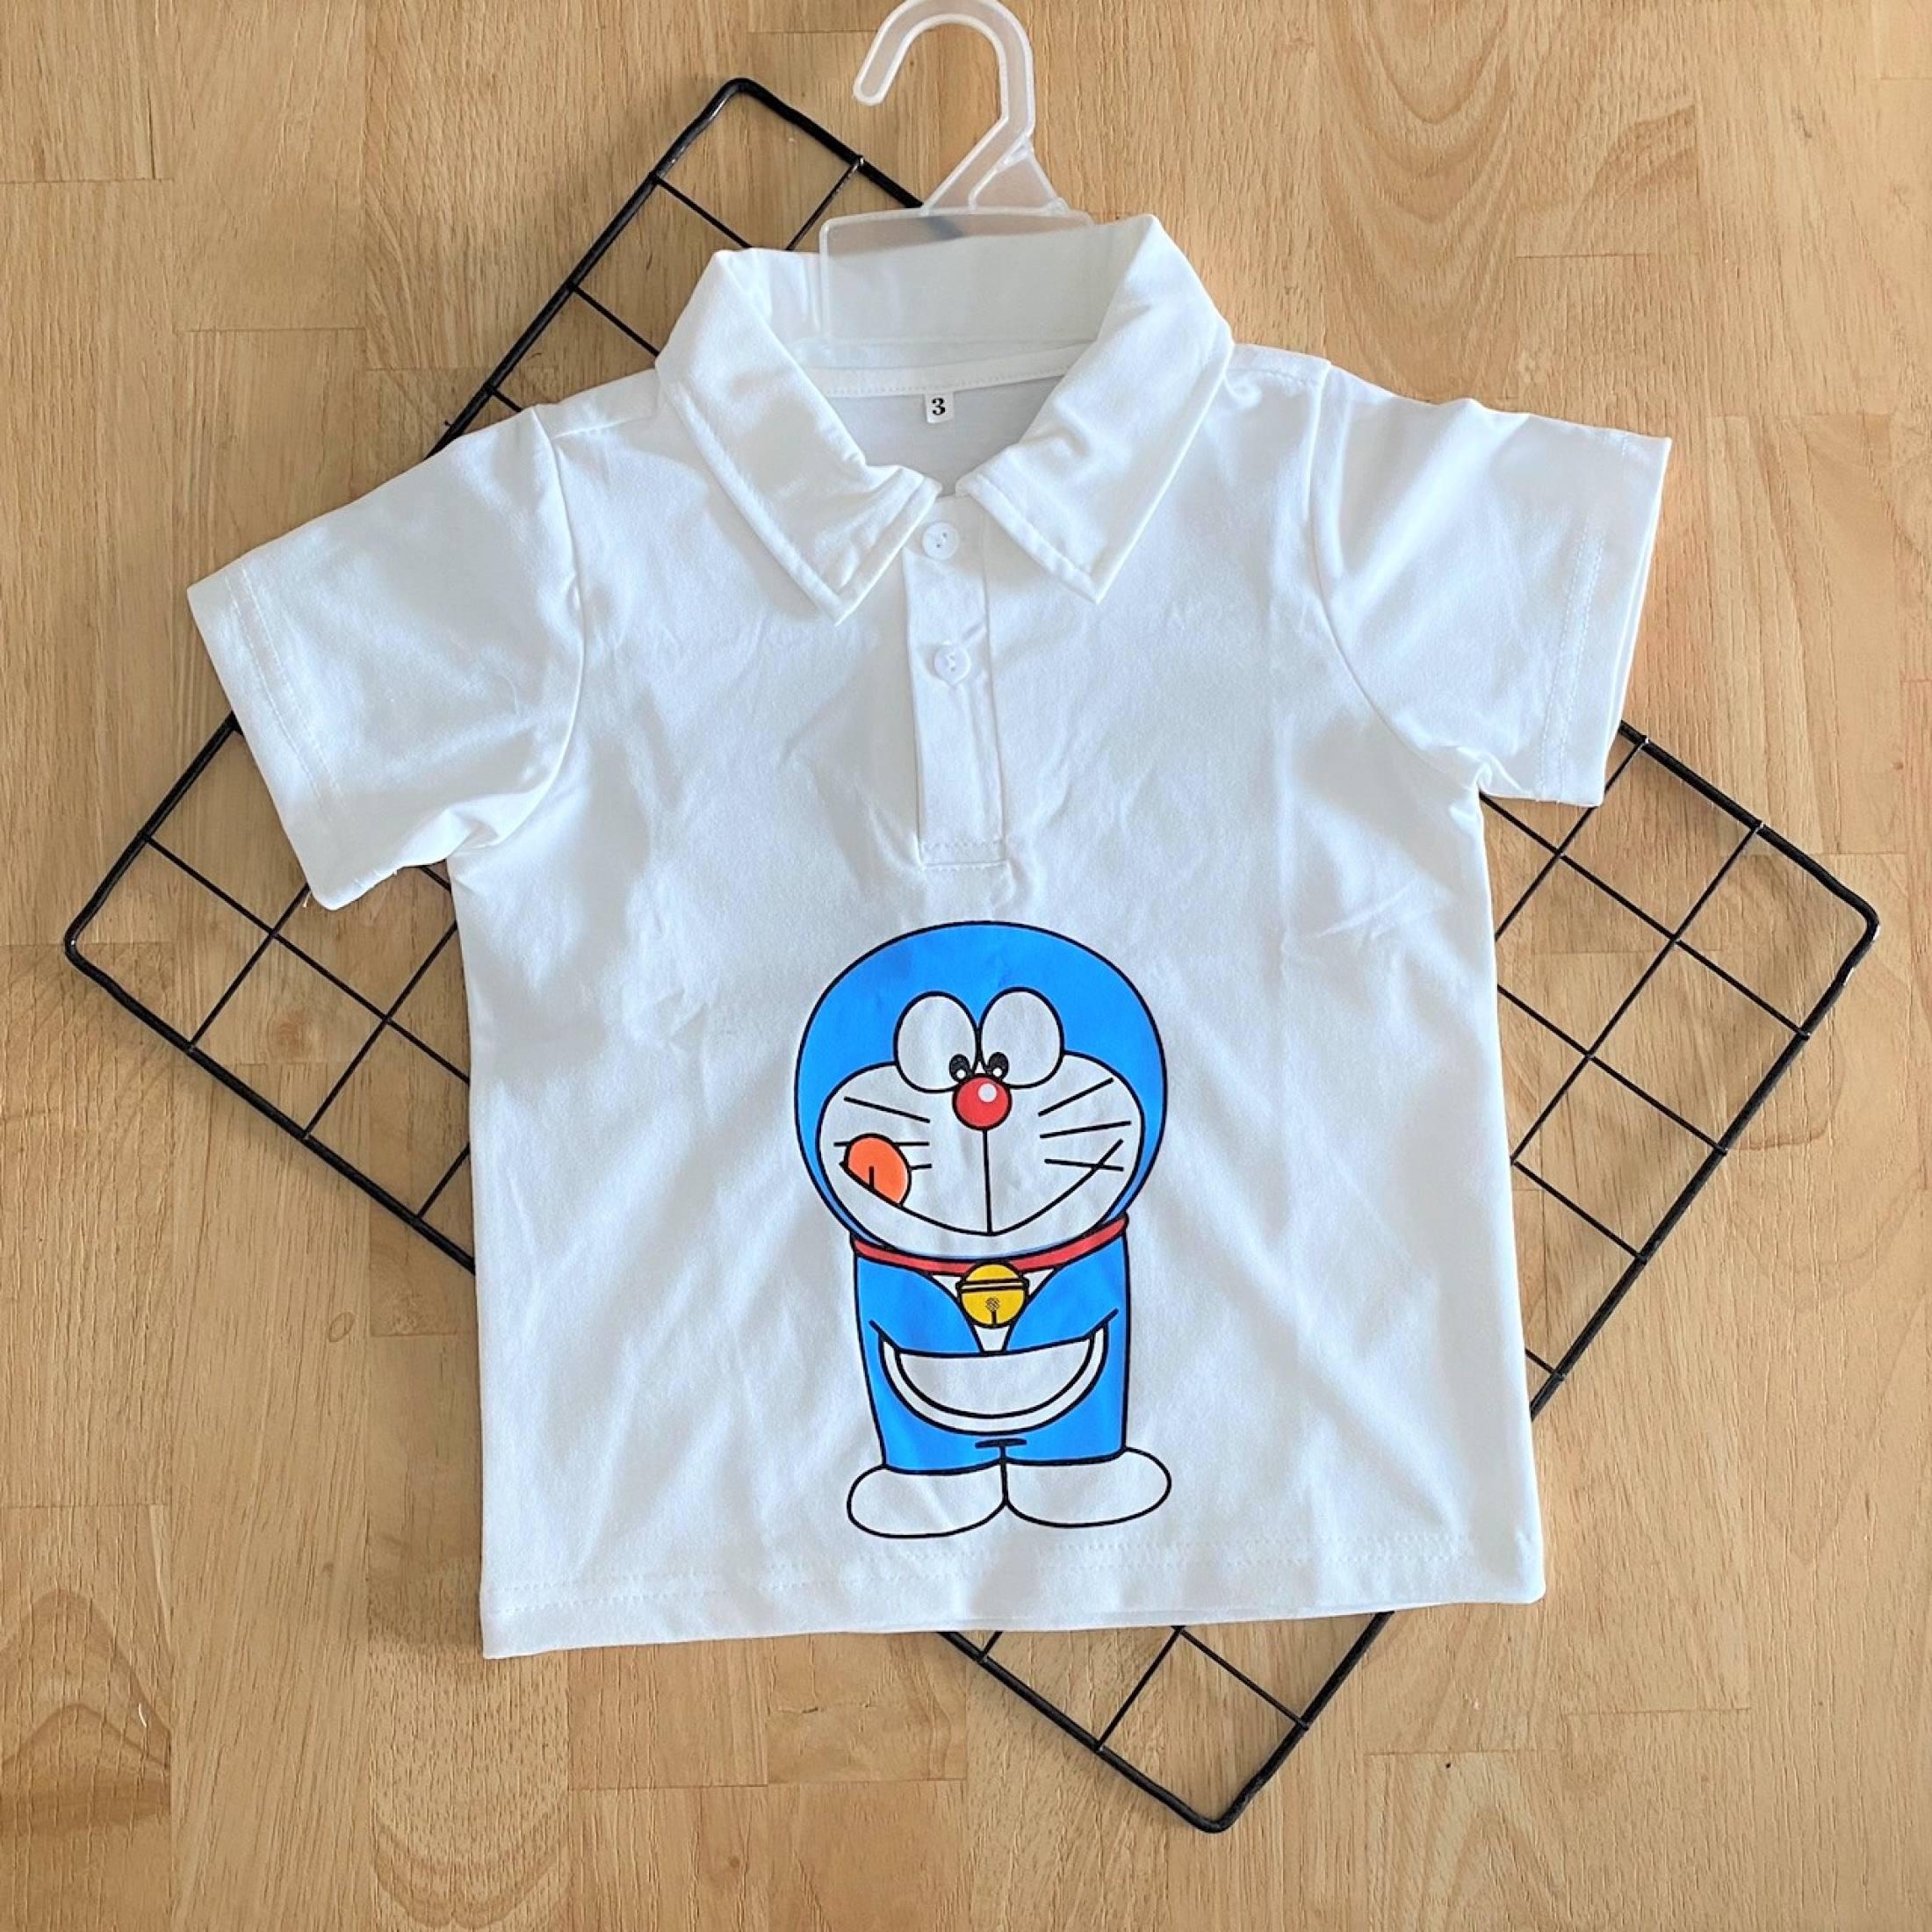 Áo Thun Cổ Trụ chất vải thun cotton 4 chiều mềm, xịn, đẹp cho bé trai . Áo Thun Bé Trai. Quần áo trẻ em. Quần áo bé trai